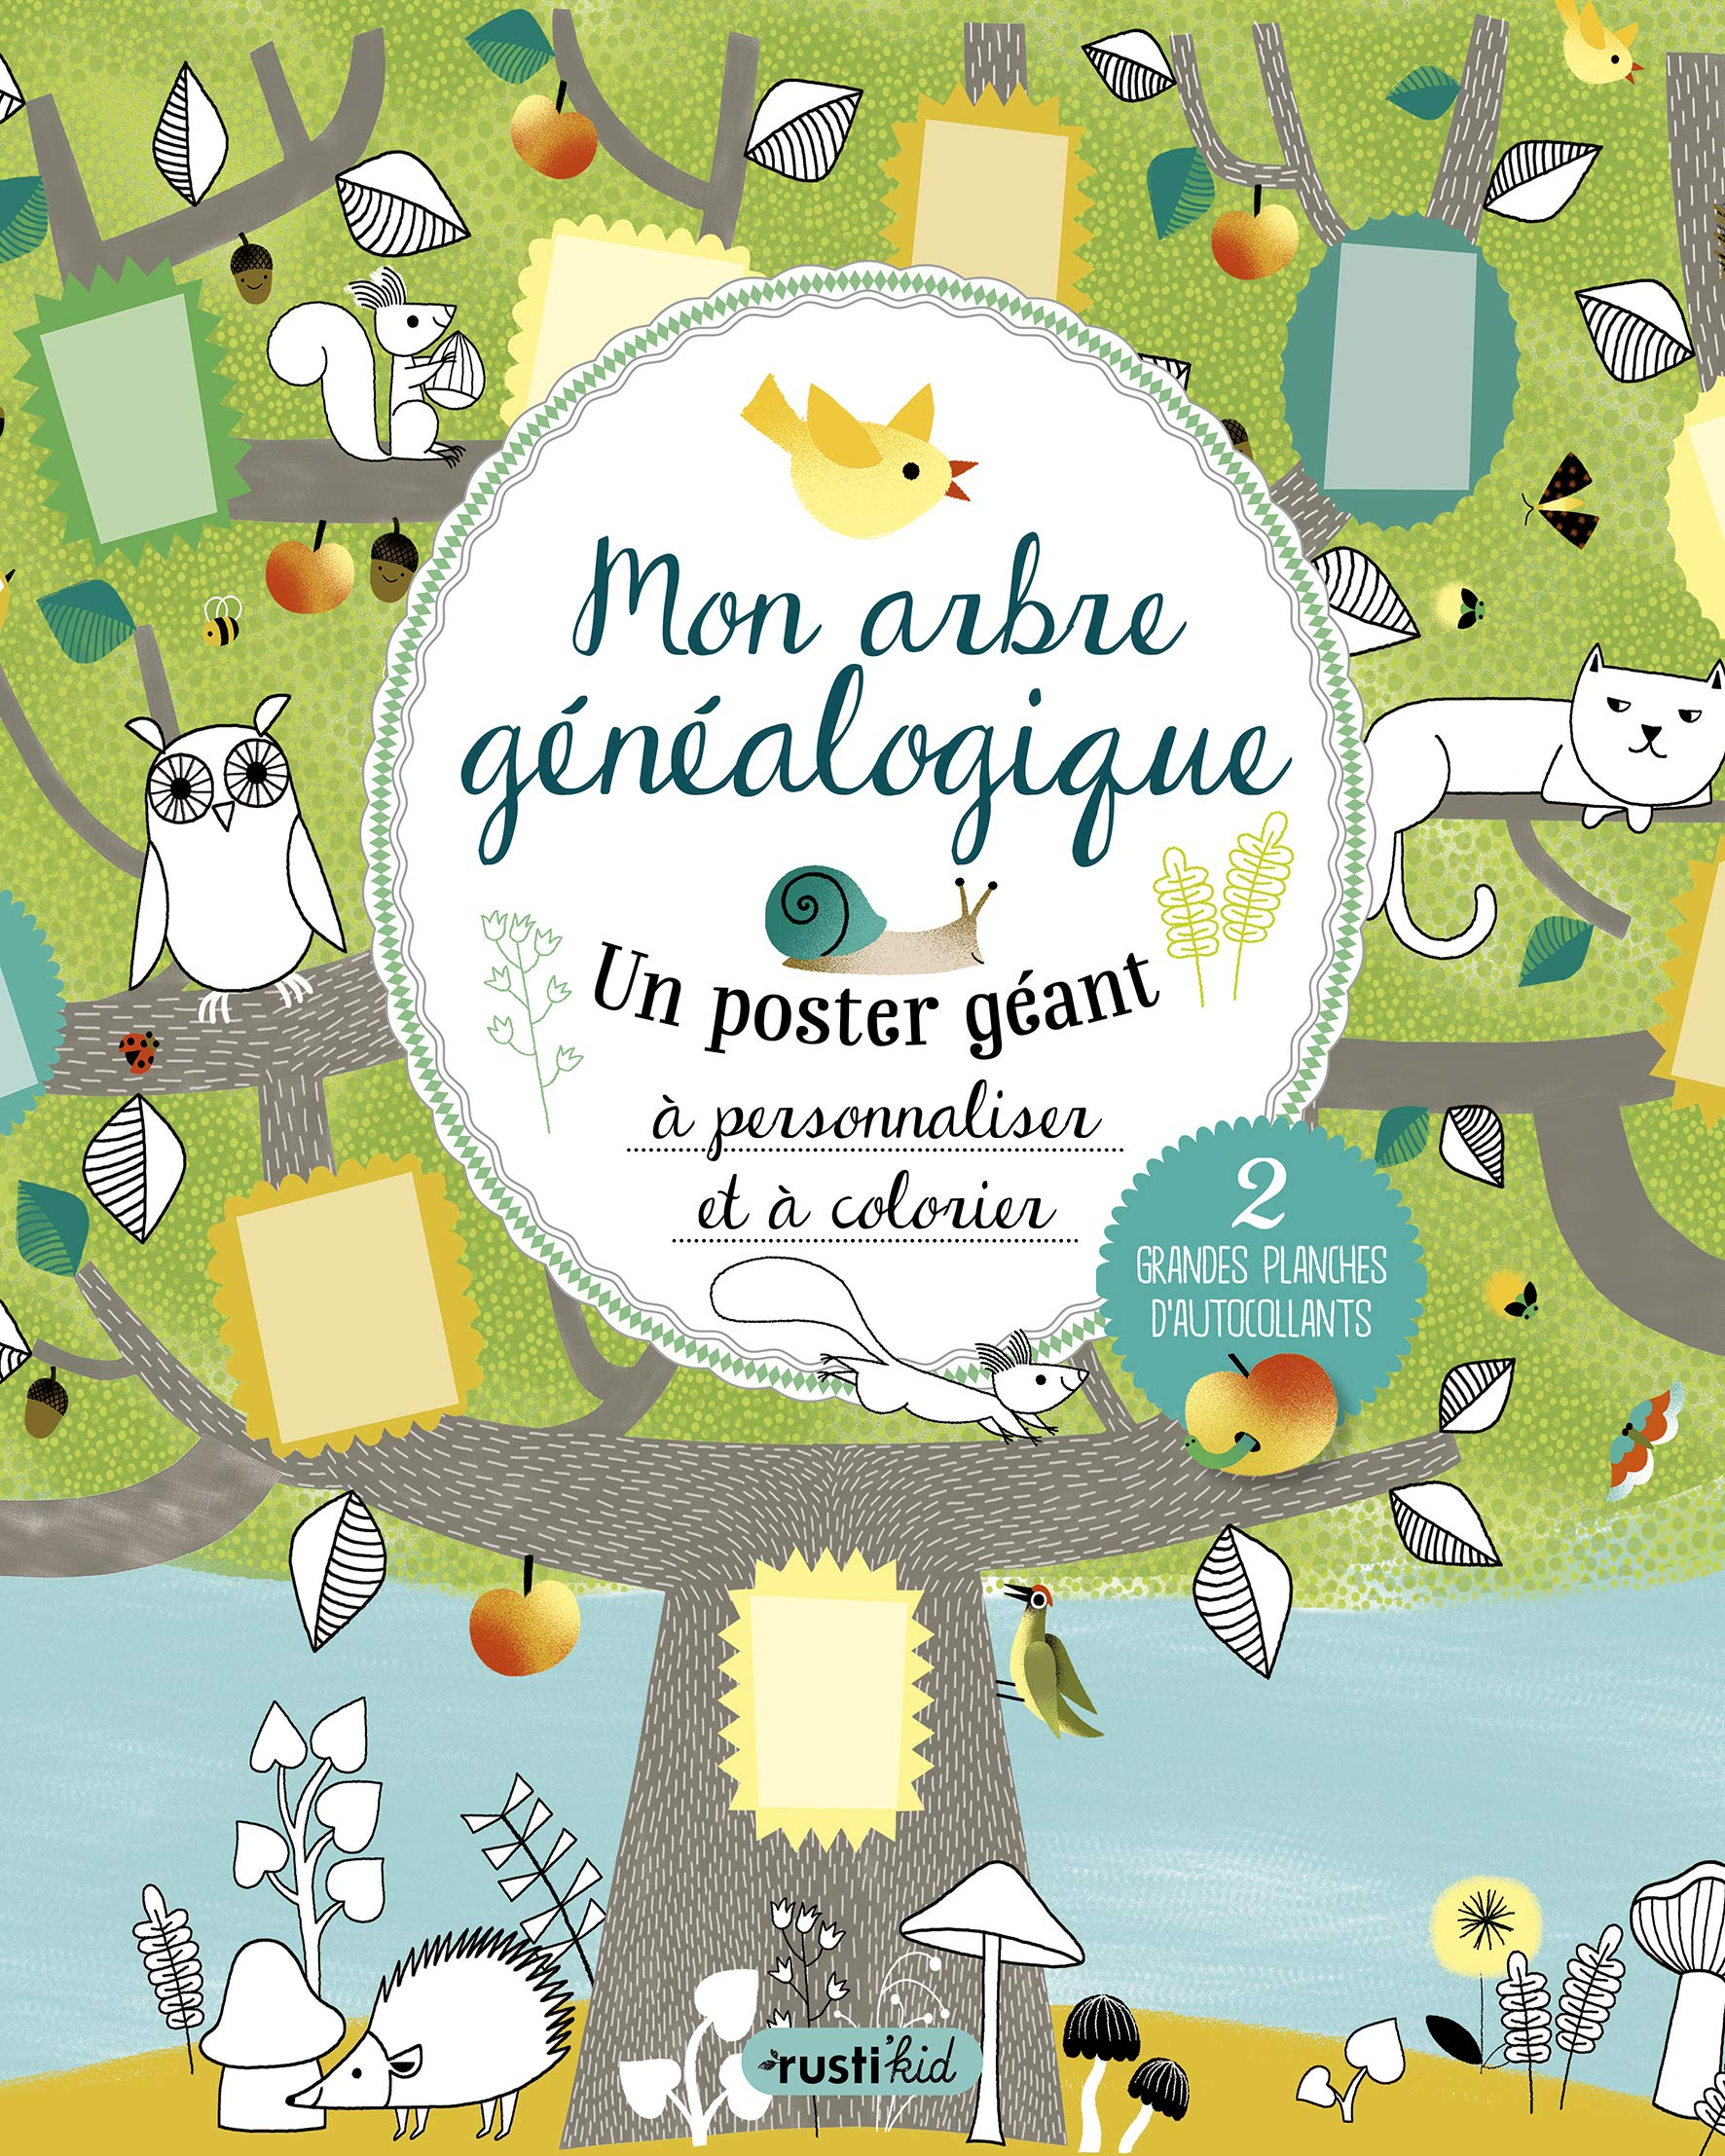 Coloriage Arbre Genealogique.Mon Arbre Genealogique Un Poster Geant A Personnaliser Et